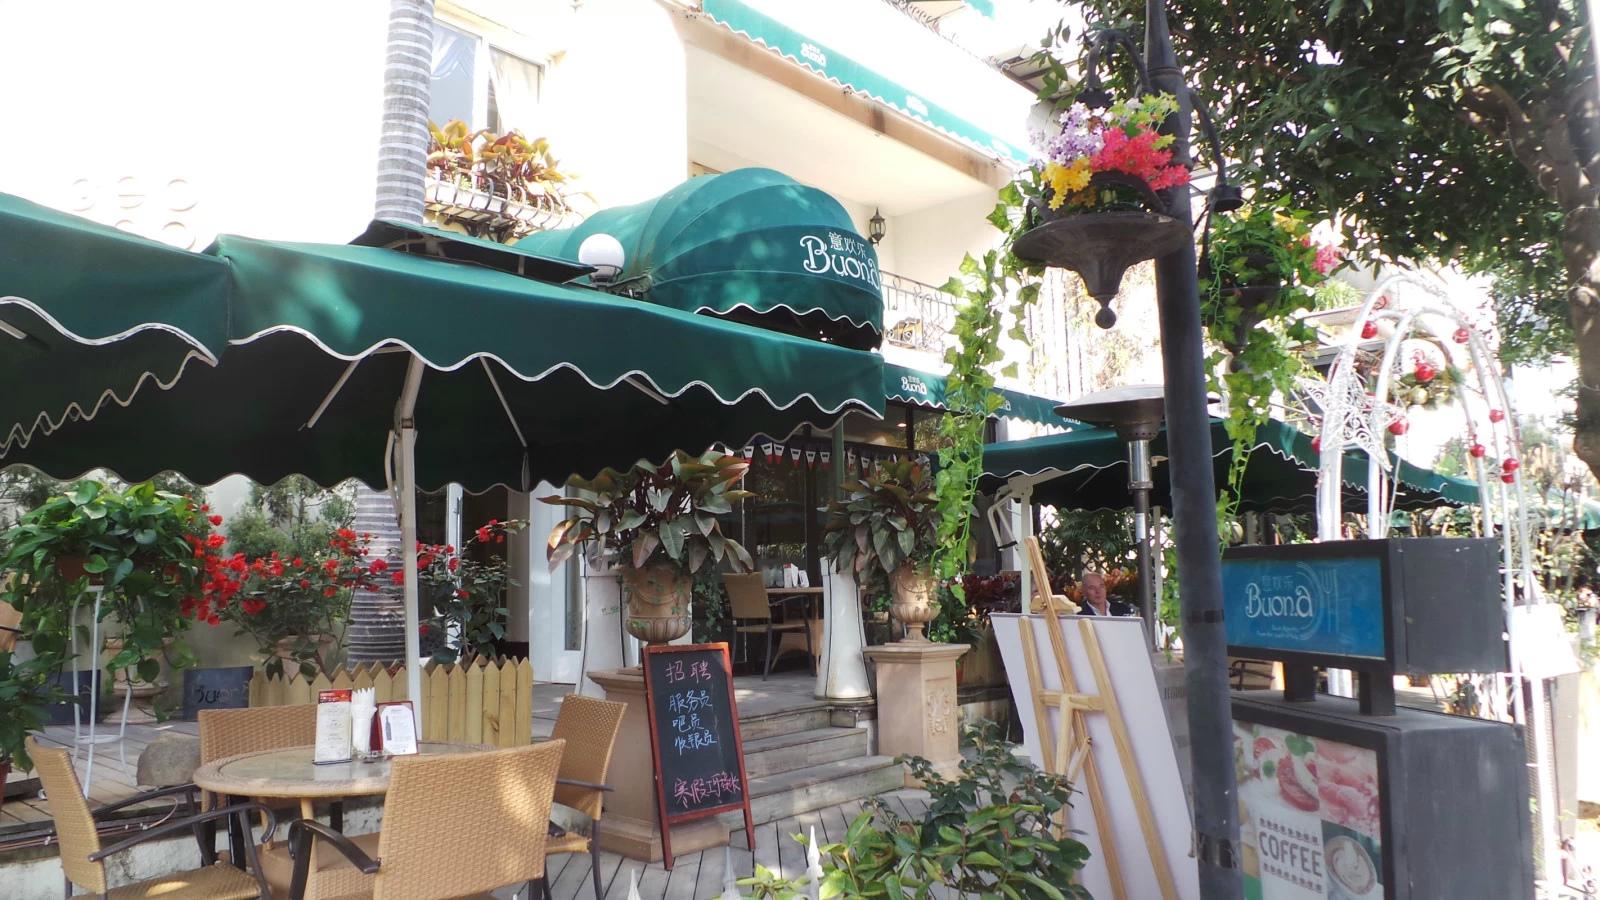 有商家改造成的咖啡厅,渐渐的卓然成市,也叫